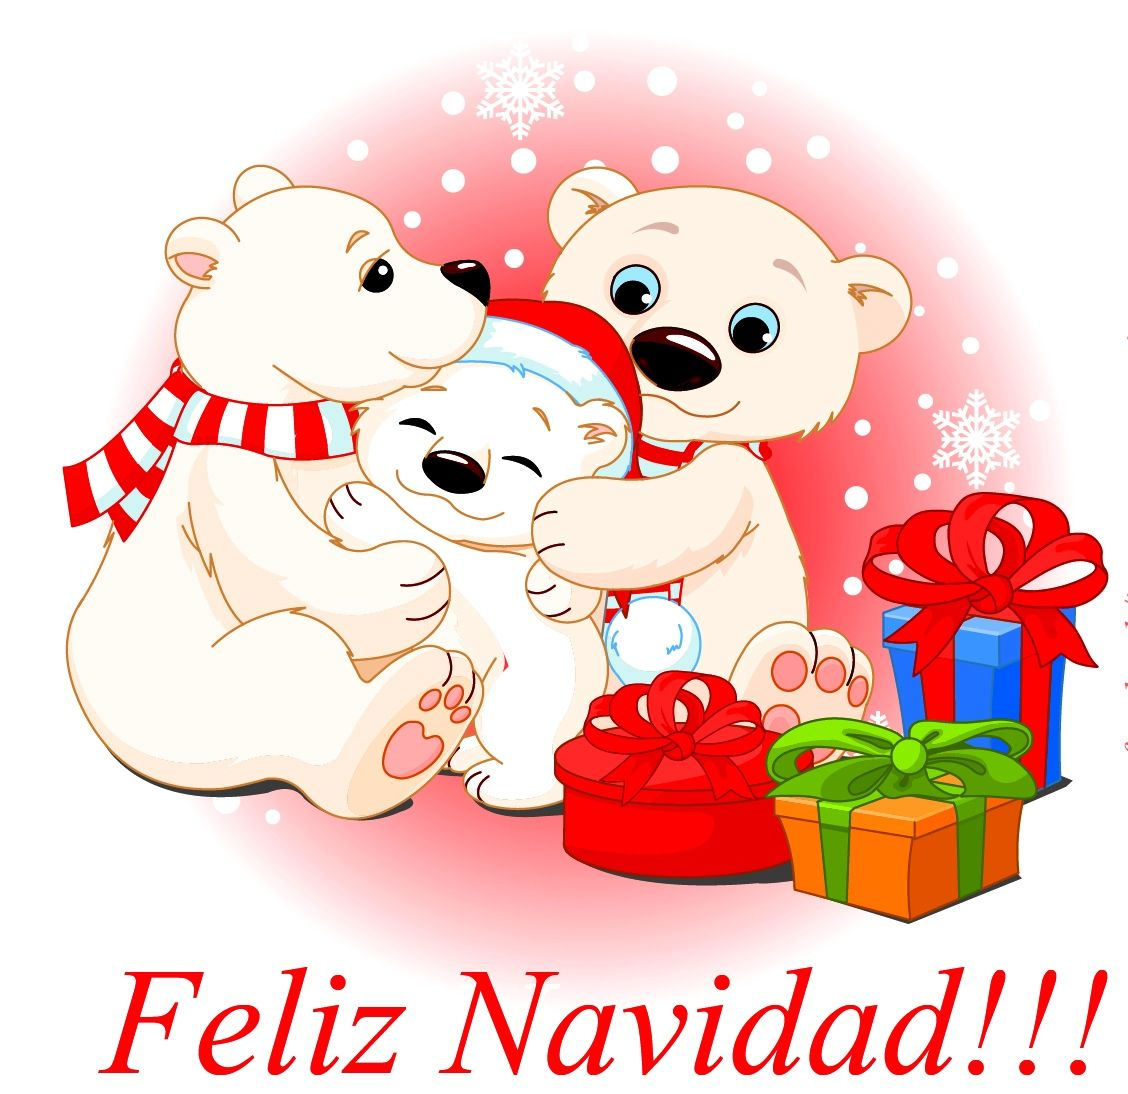 Imágenes De Navidad Y Año Nuevo: Imágenes De Feliz Navidad Para ...